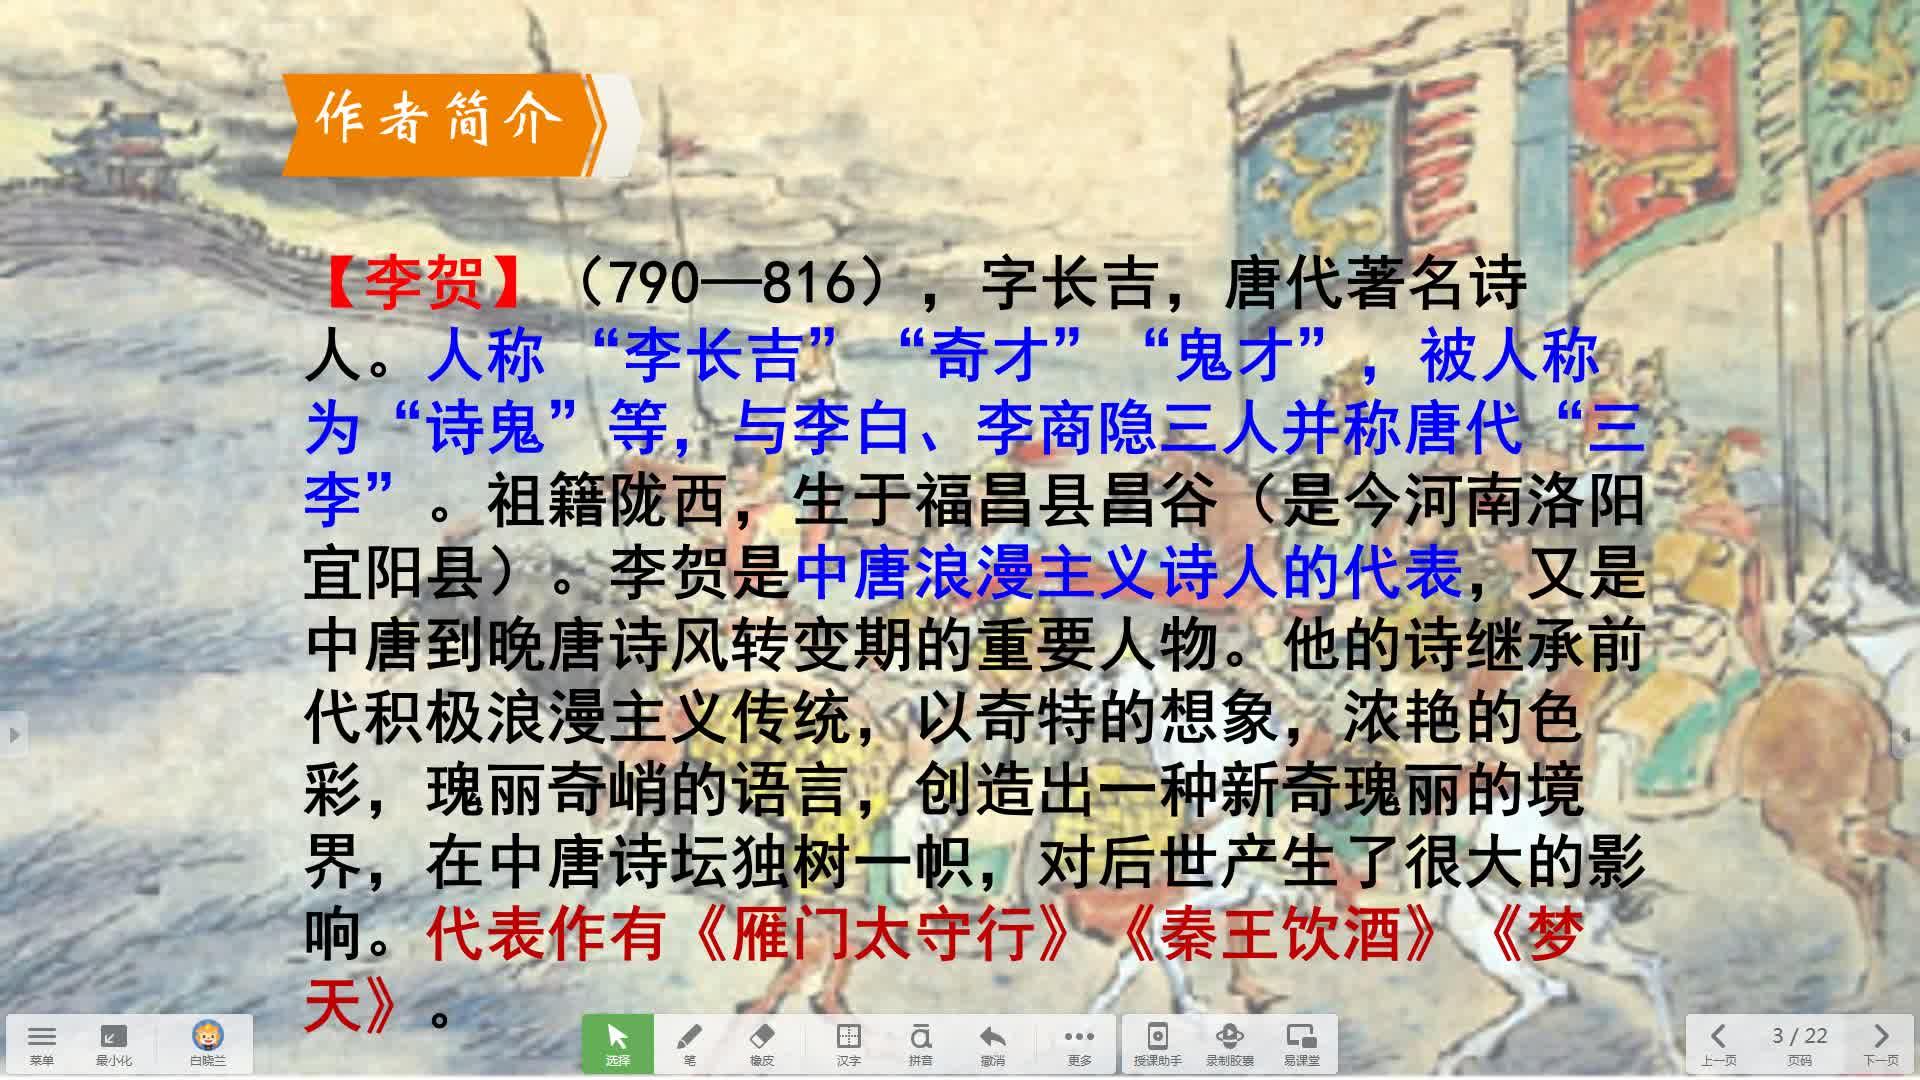 廊坊十中-人教版 八年级语文下册 第五单元 第25课《雁门太守行》白晓兰